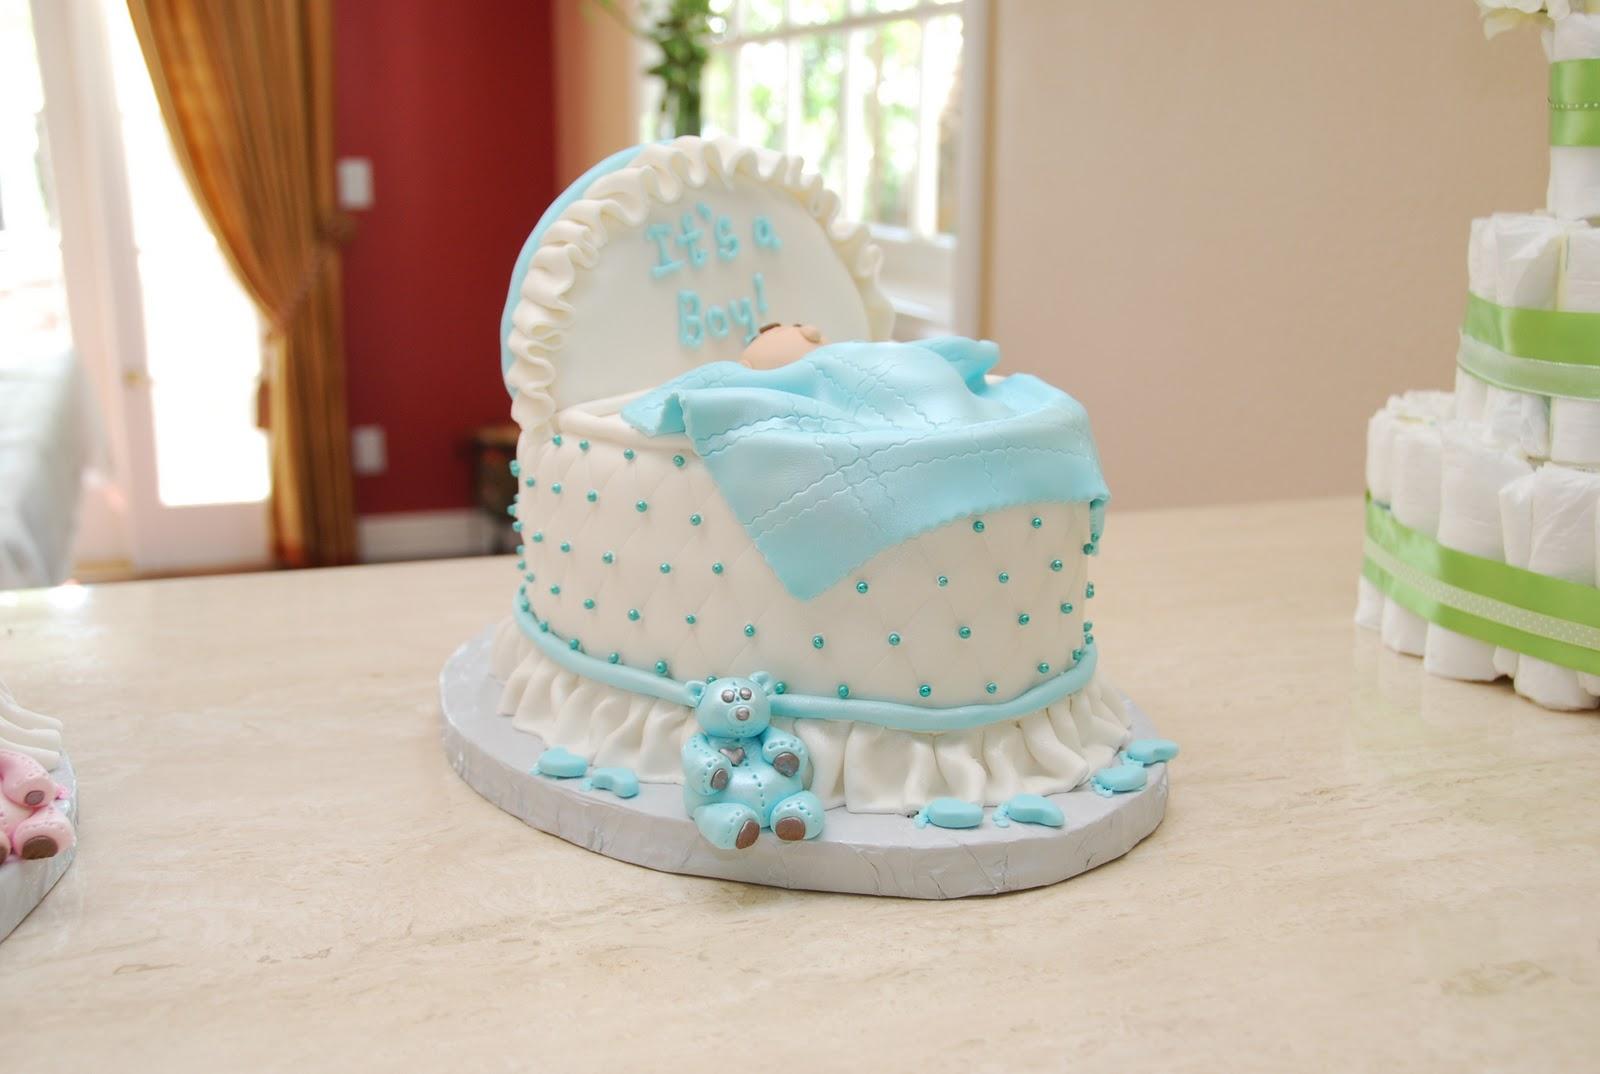 Bassinet baby Cakes DSC_0033.JPG